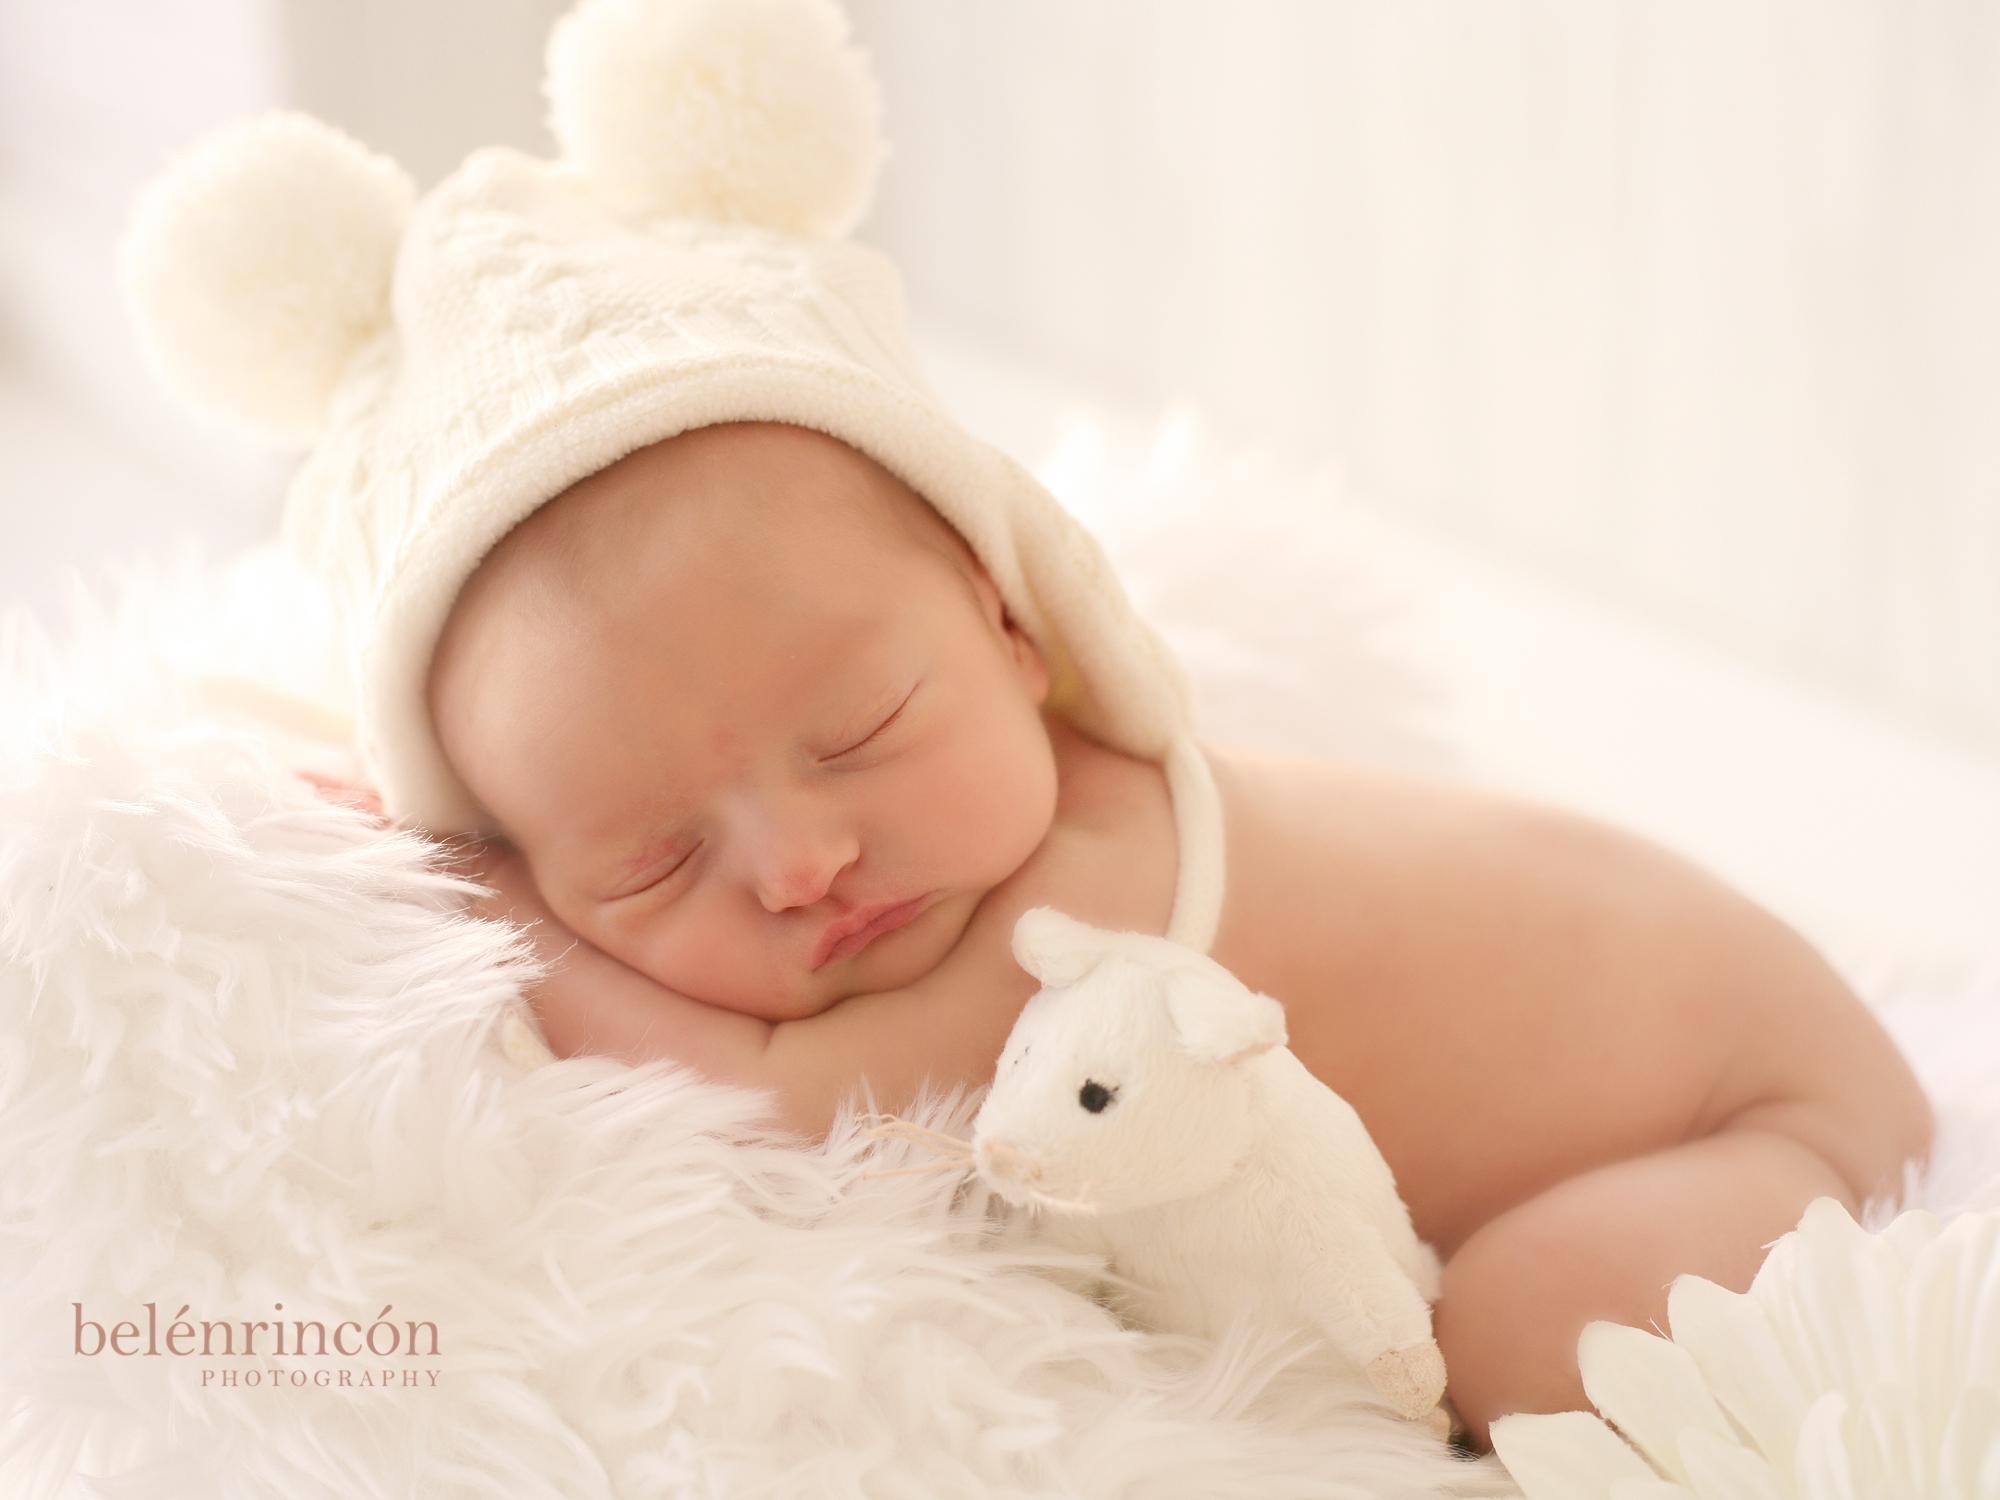 Bebé en sesión recién nacido.